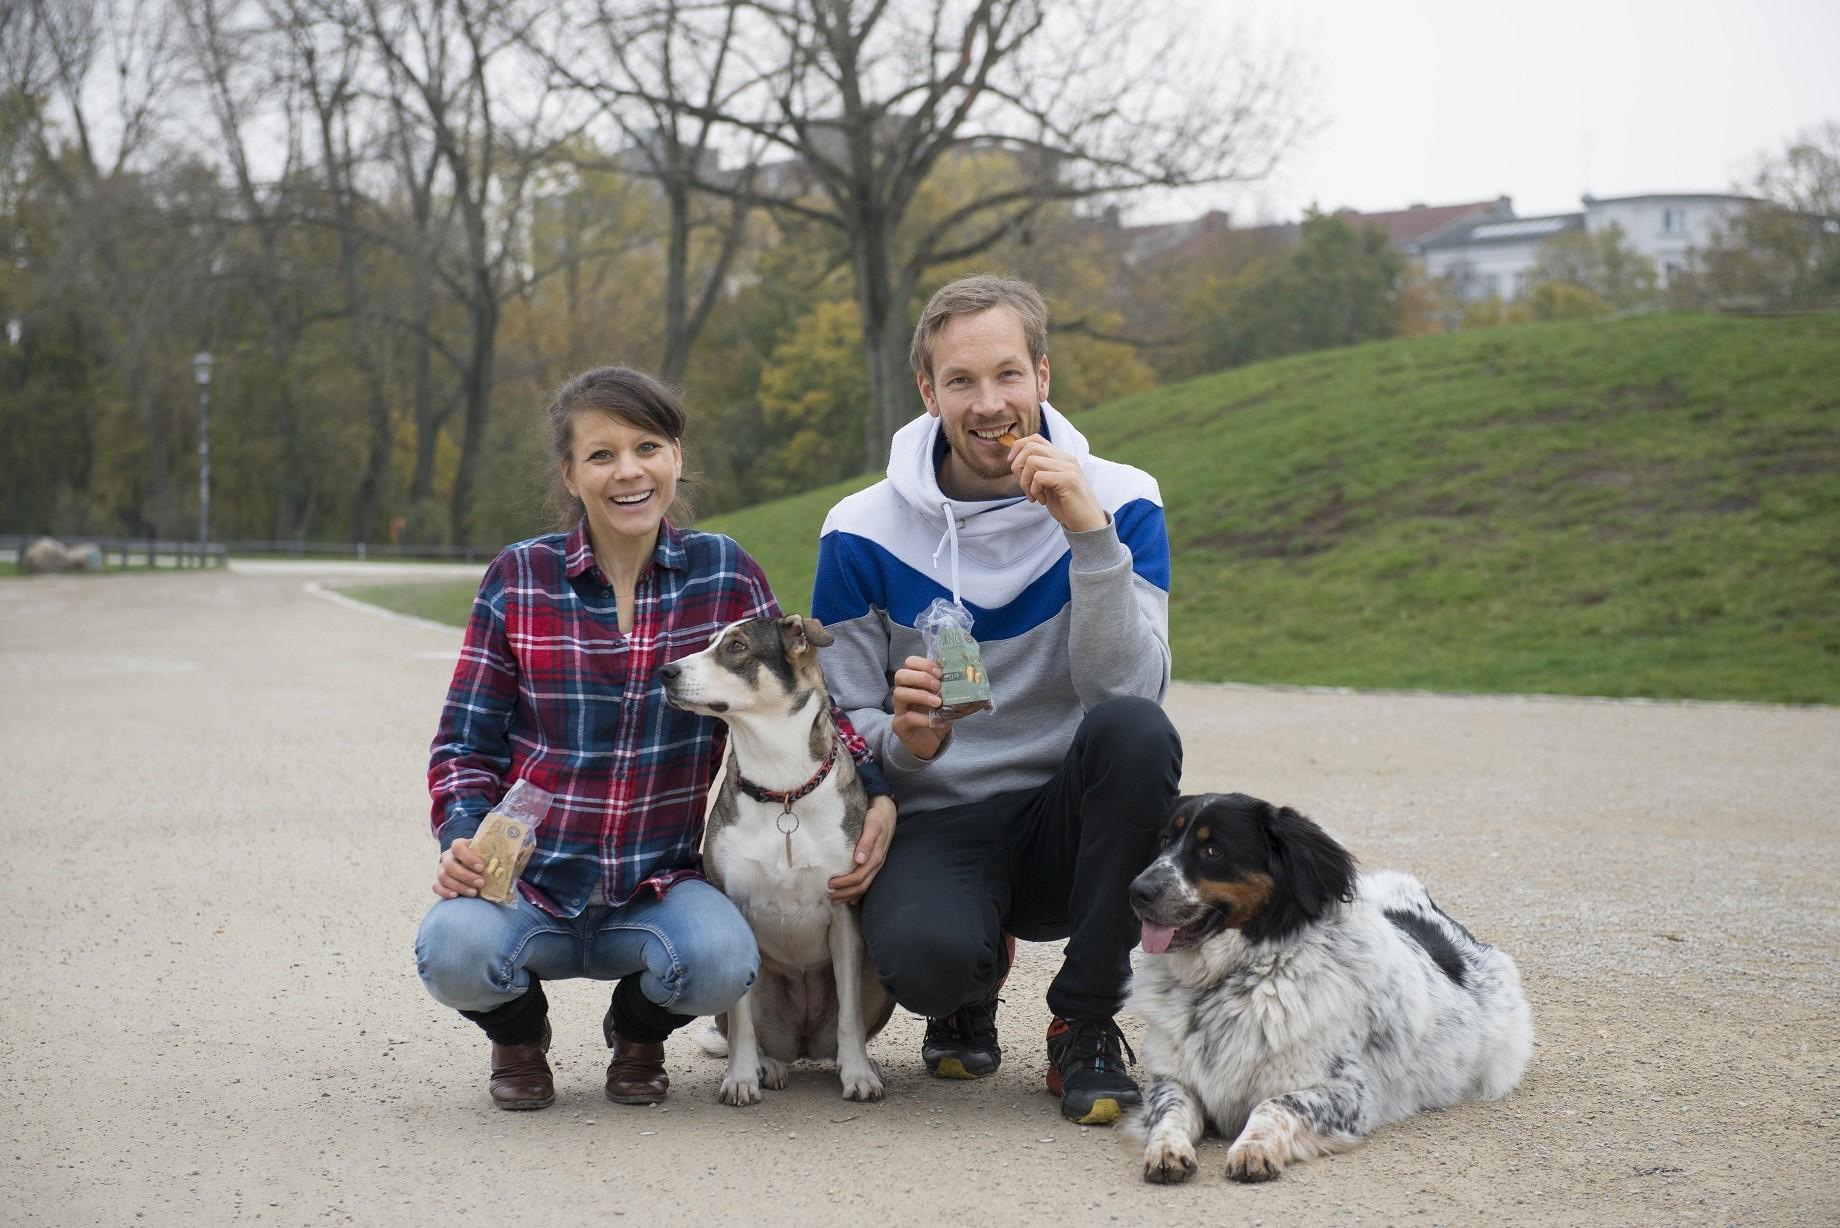 getrocknete Mango Startup - Startups rund um den Bodensee